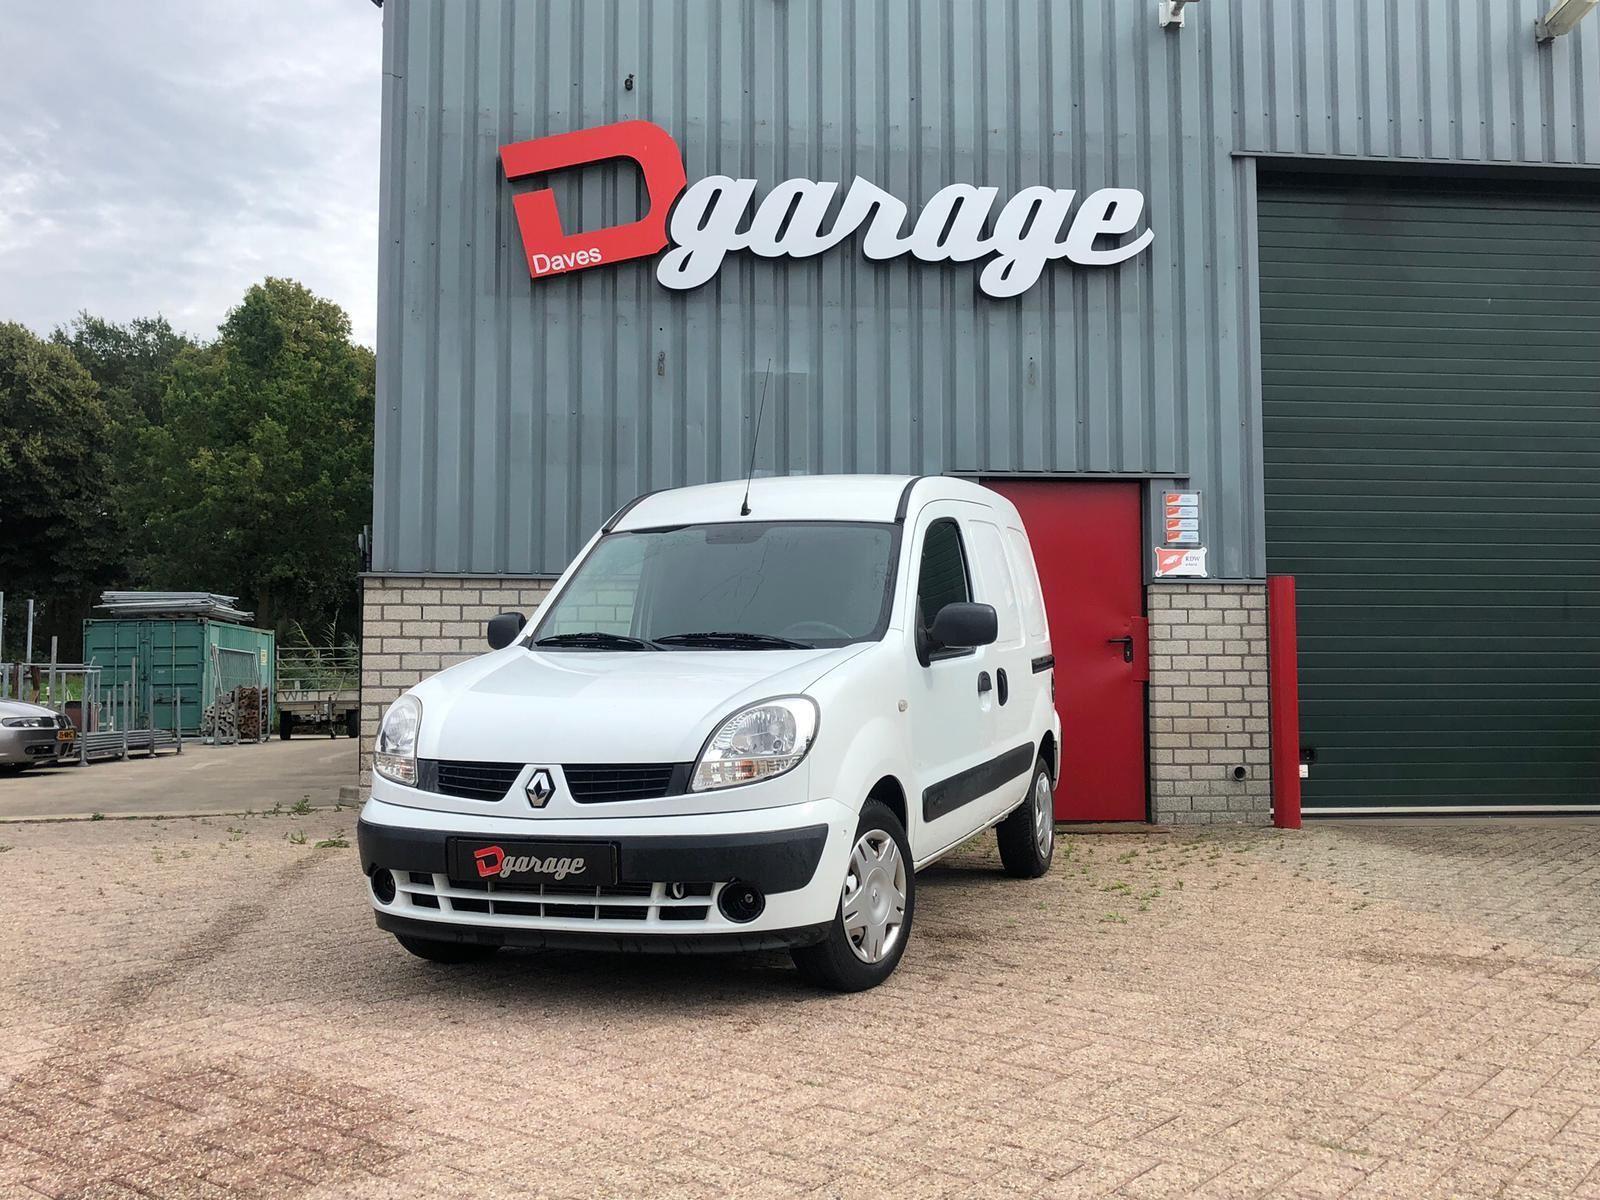 Renault Kangoo Express occasion - Dave's Garage